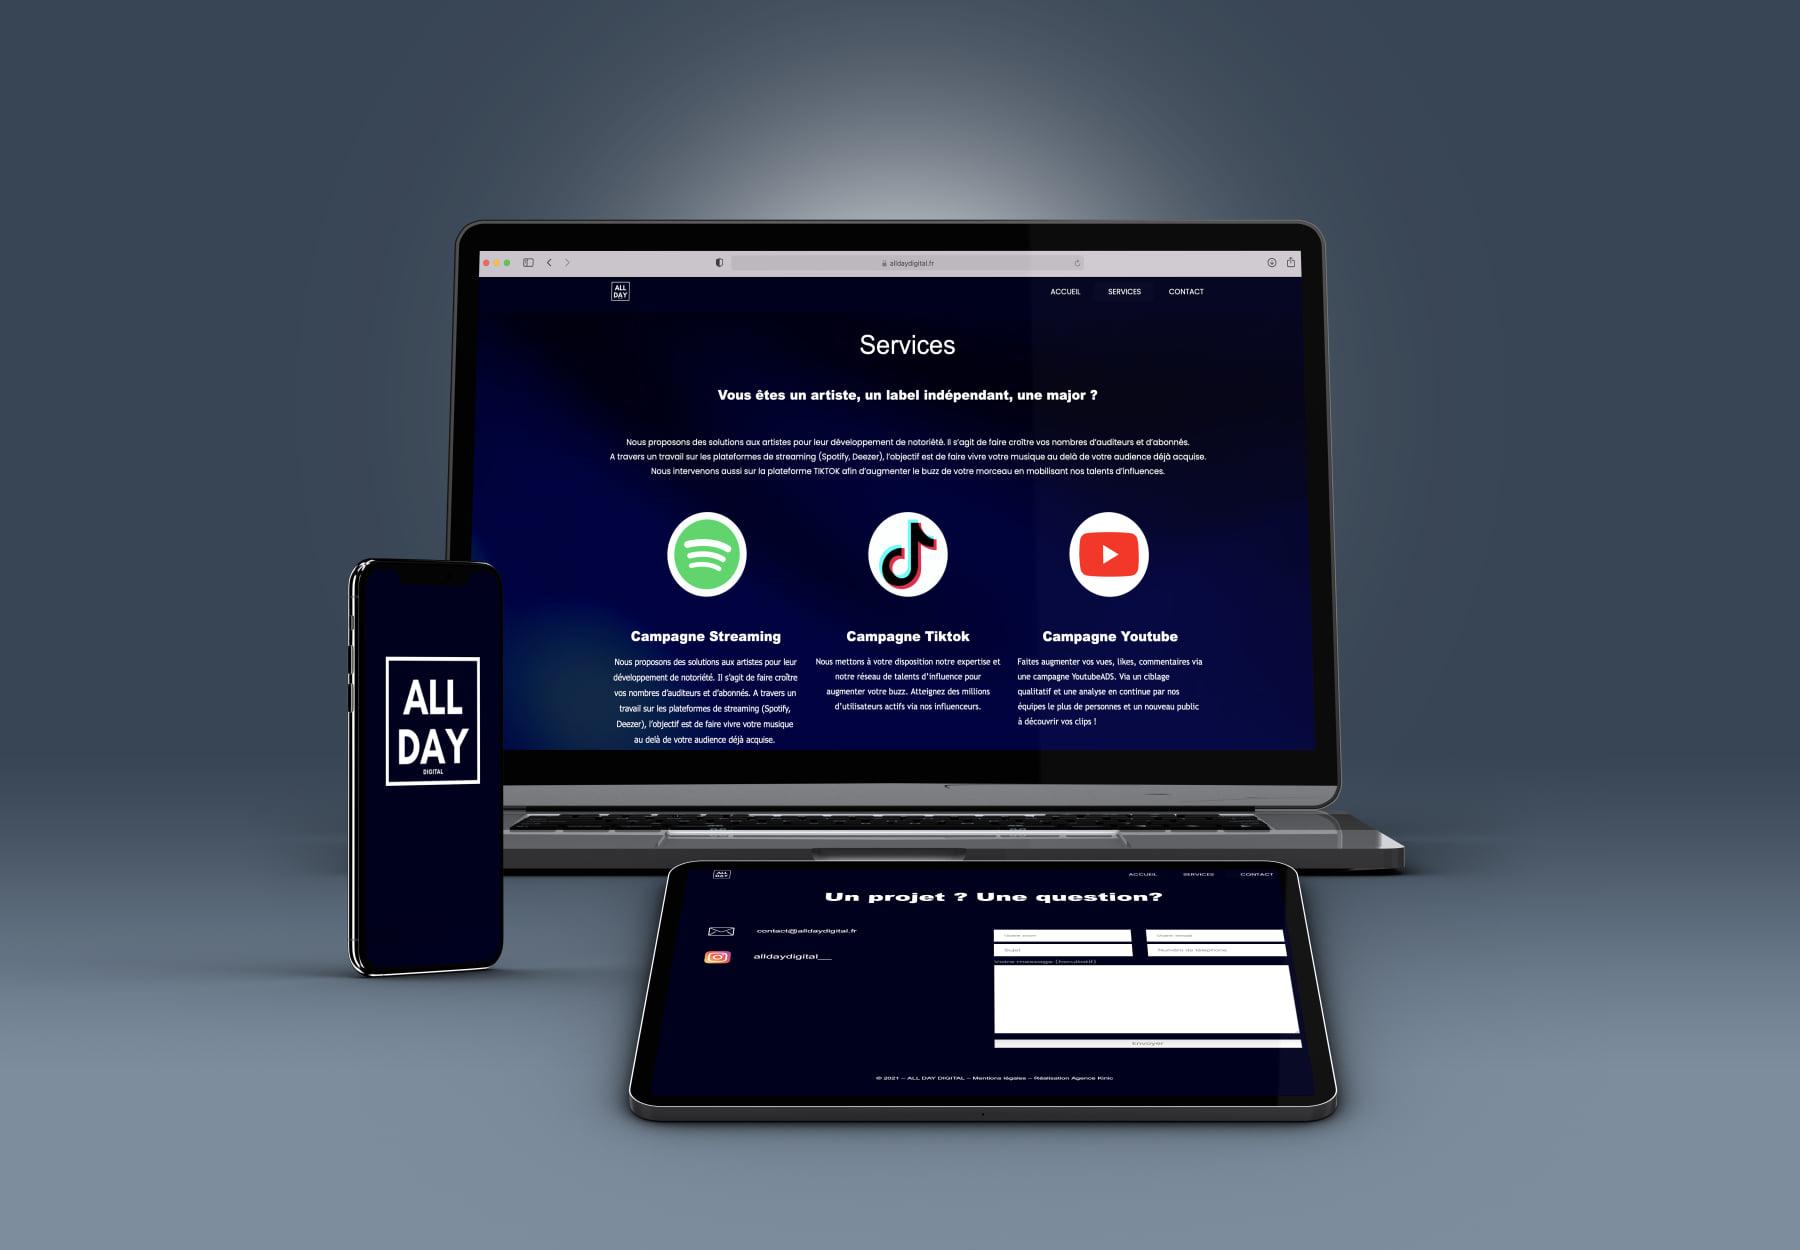 L'agence Kinic réalise le site Alldaydigital.fr